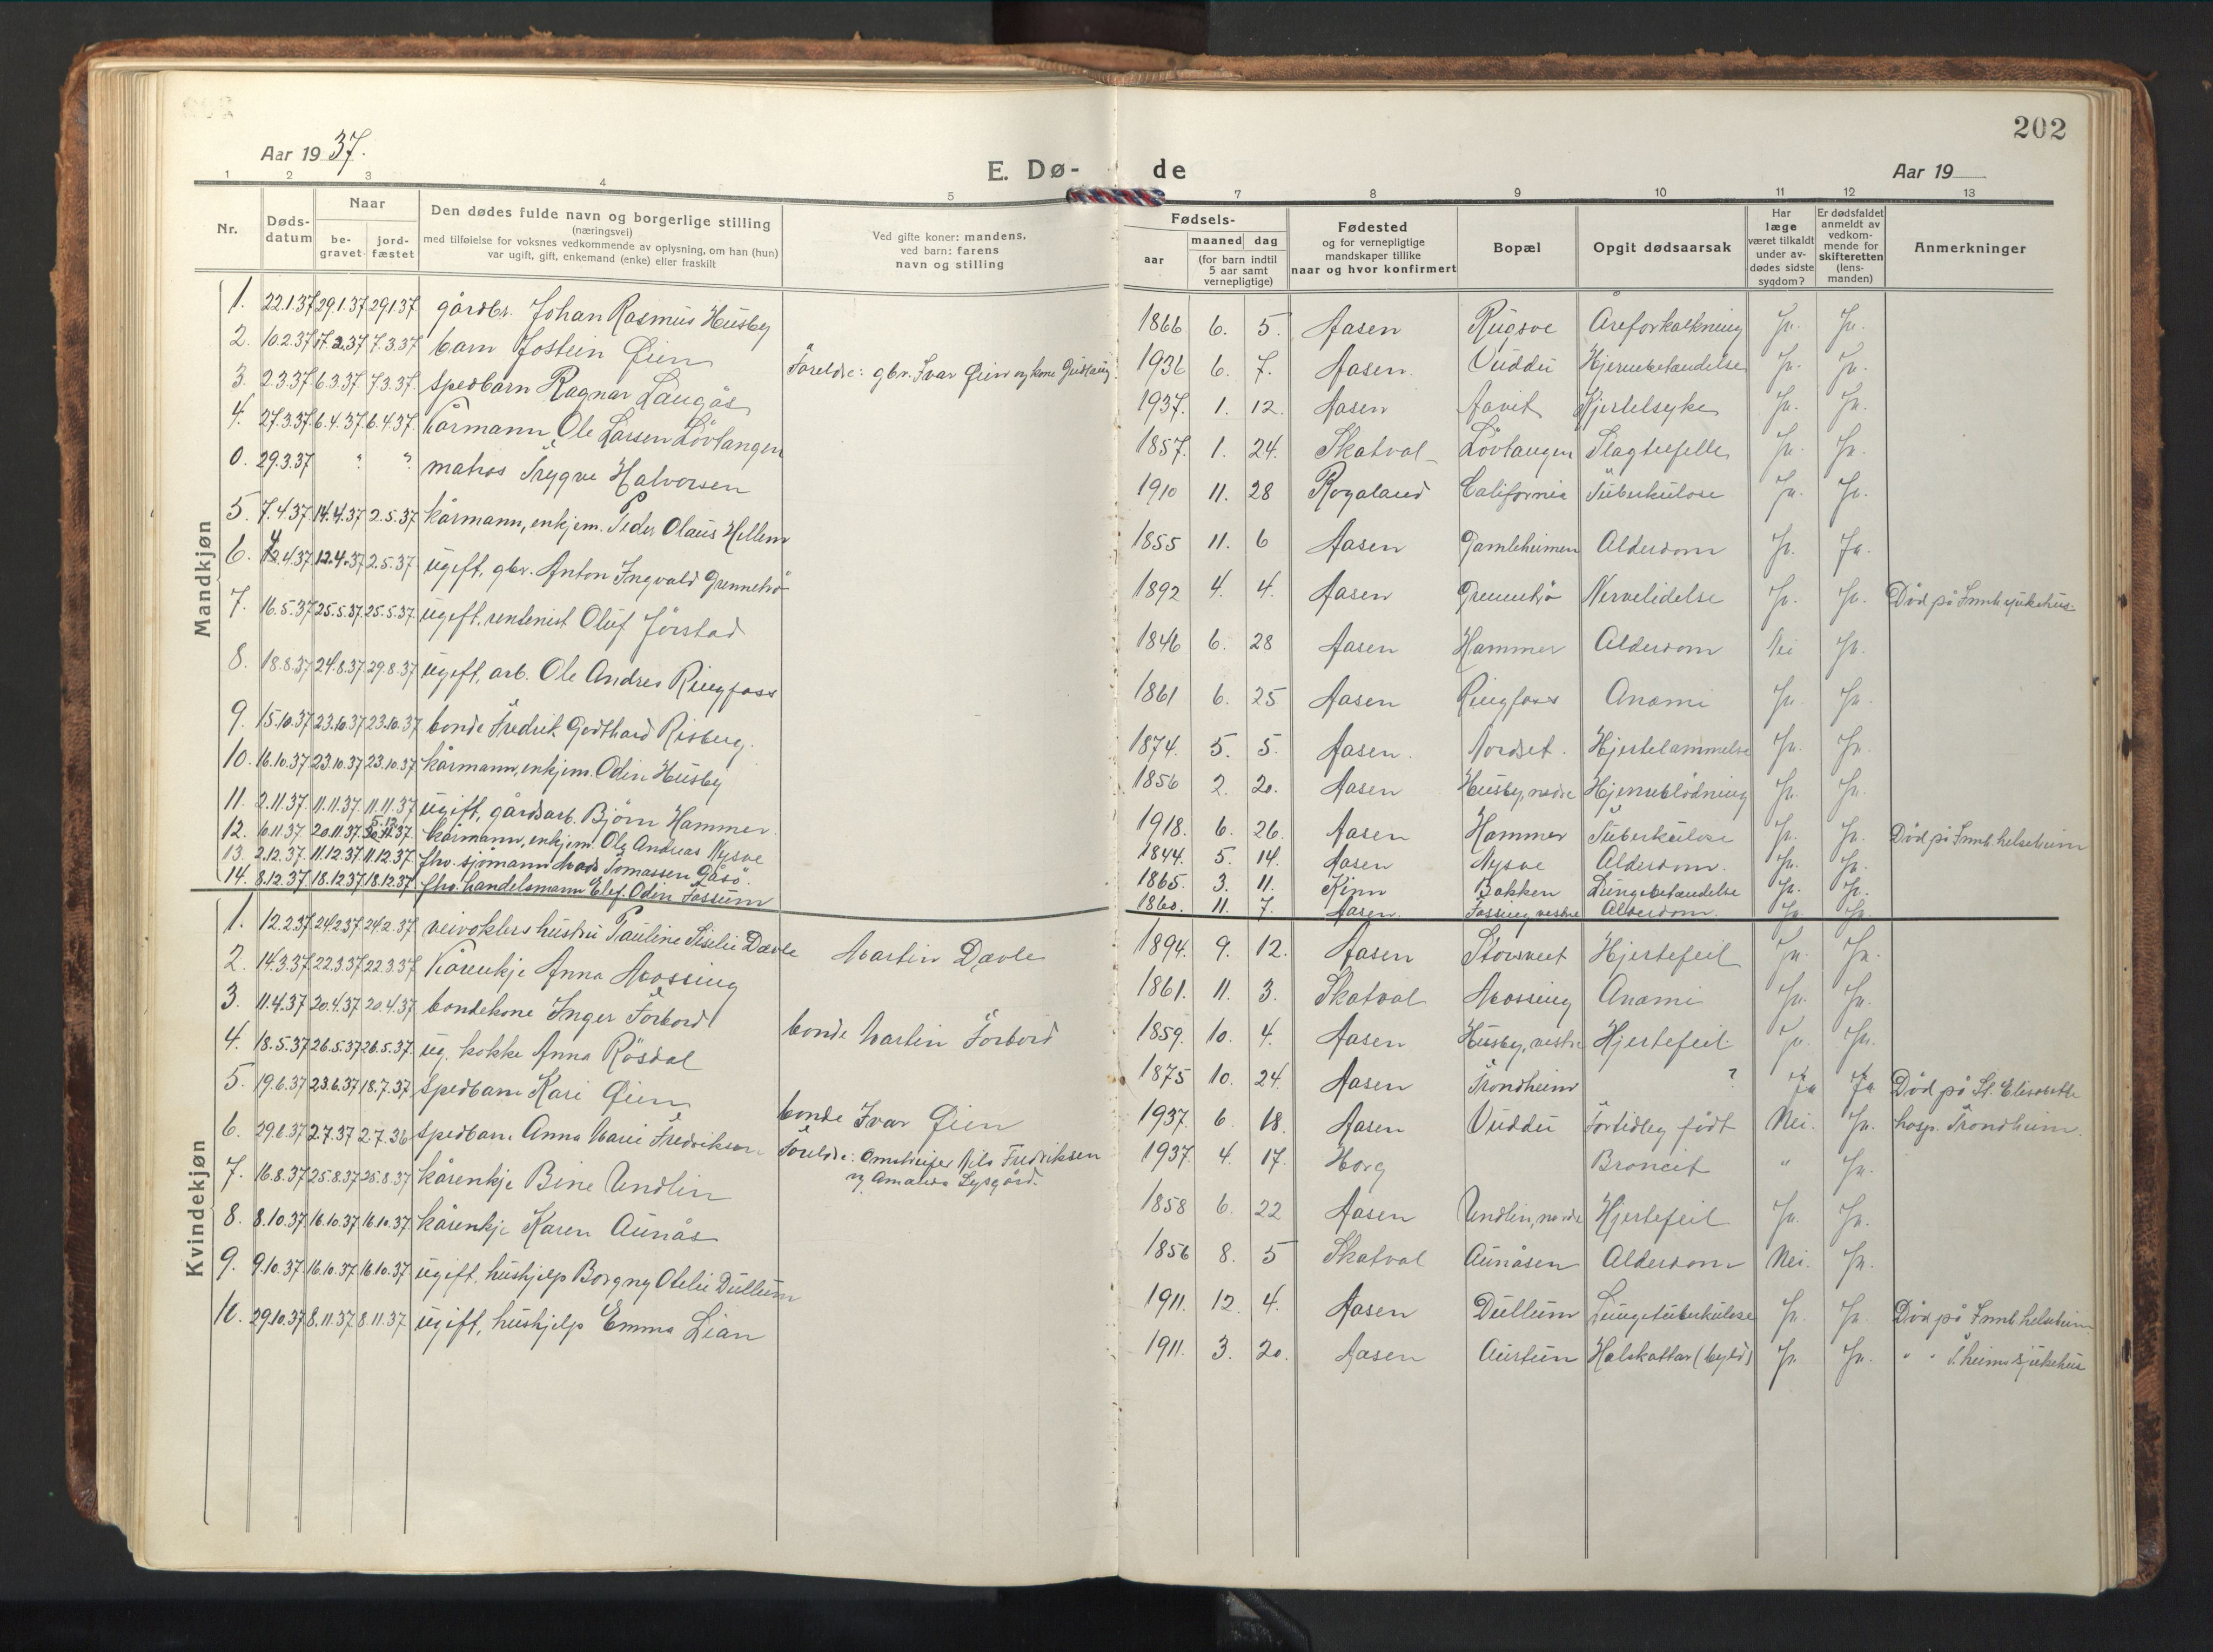 SAT, Ministerialprotokoller, klokkerbøker og fødselsregistre - Nord-Trøndelag, 714/L0136: Klokkerbok nr. 714C05, 1918-1957, s. 202